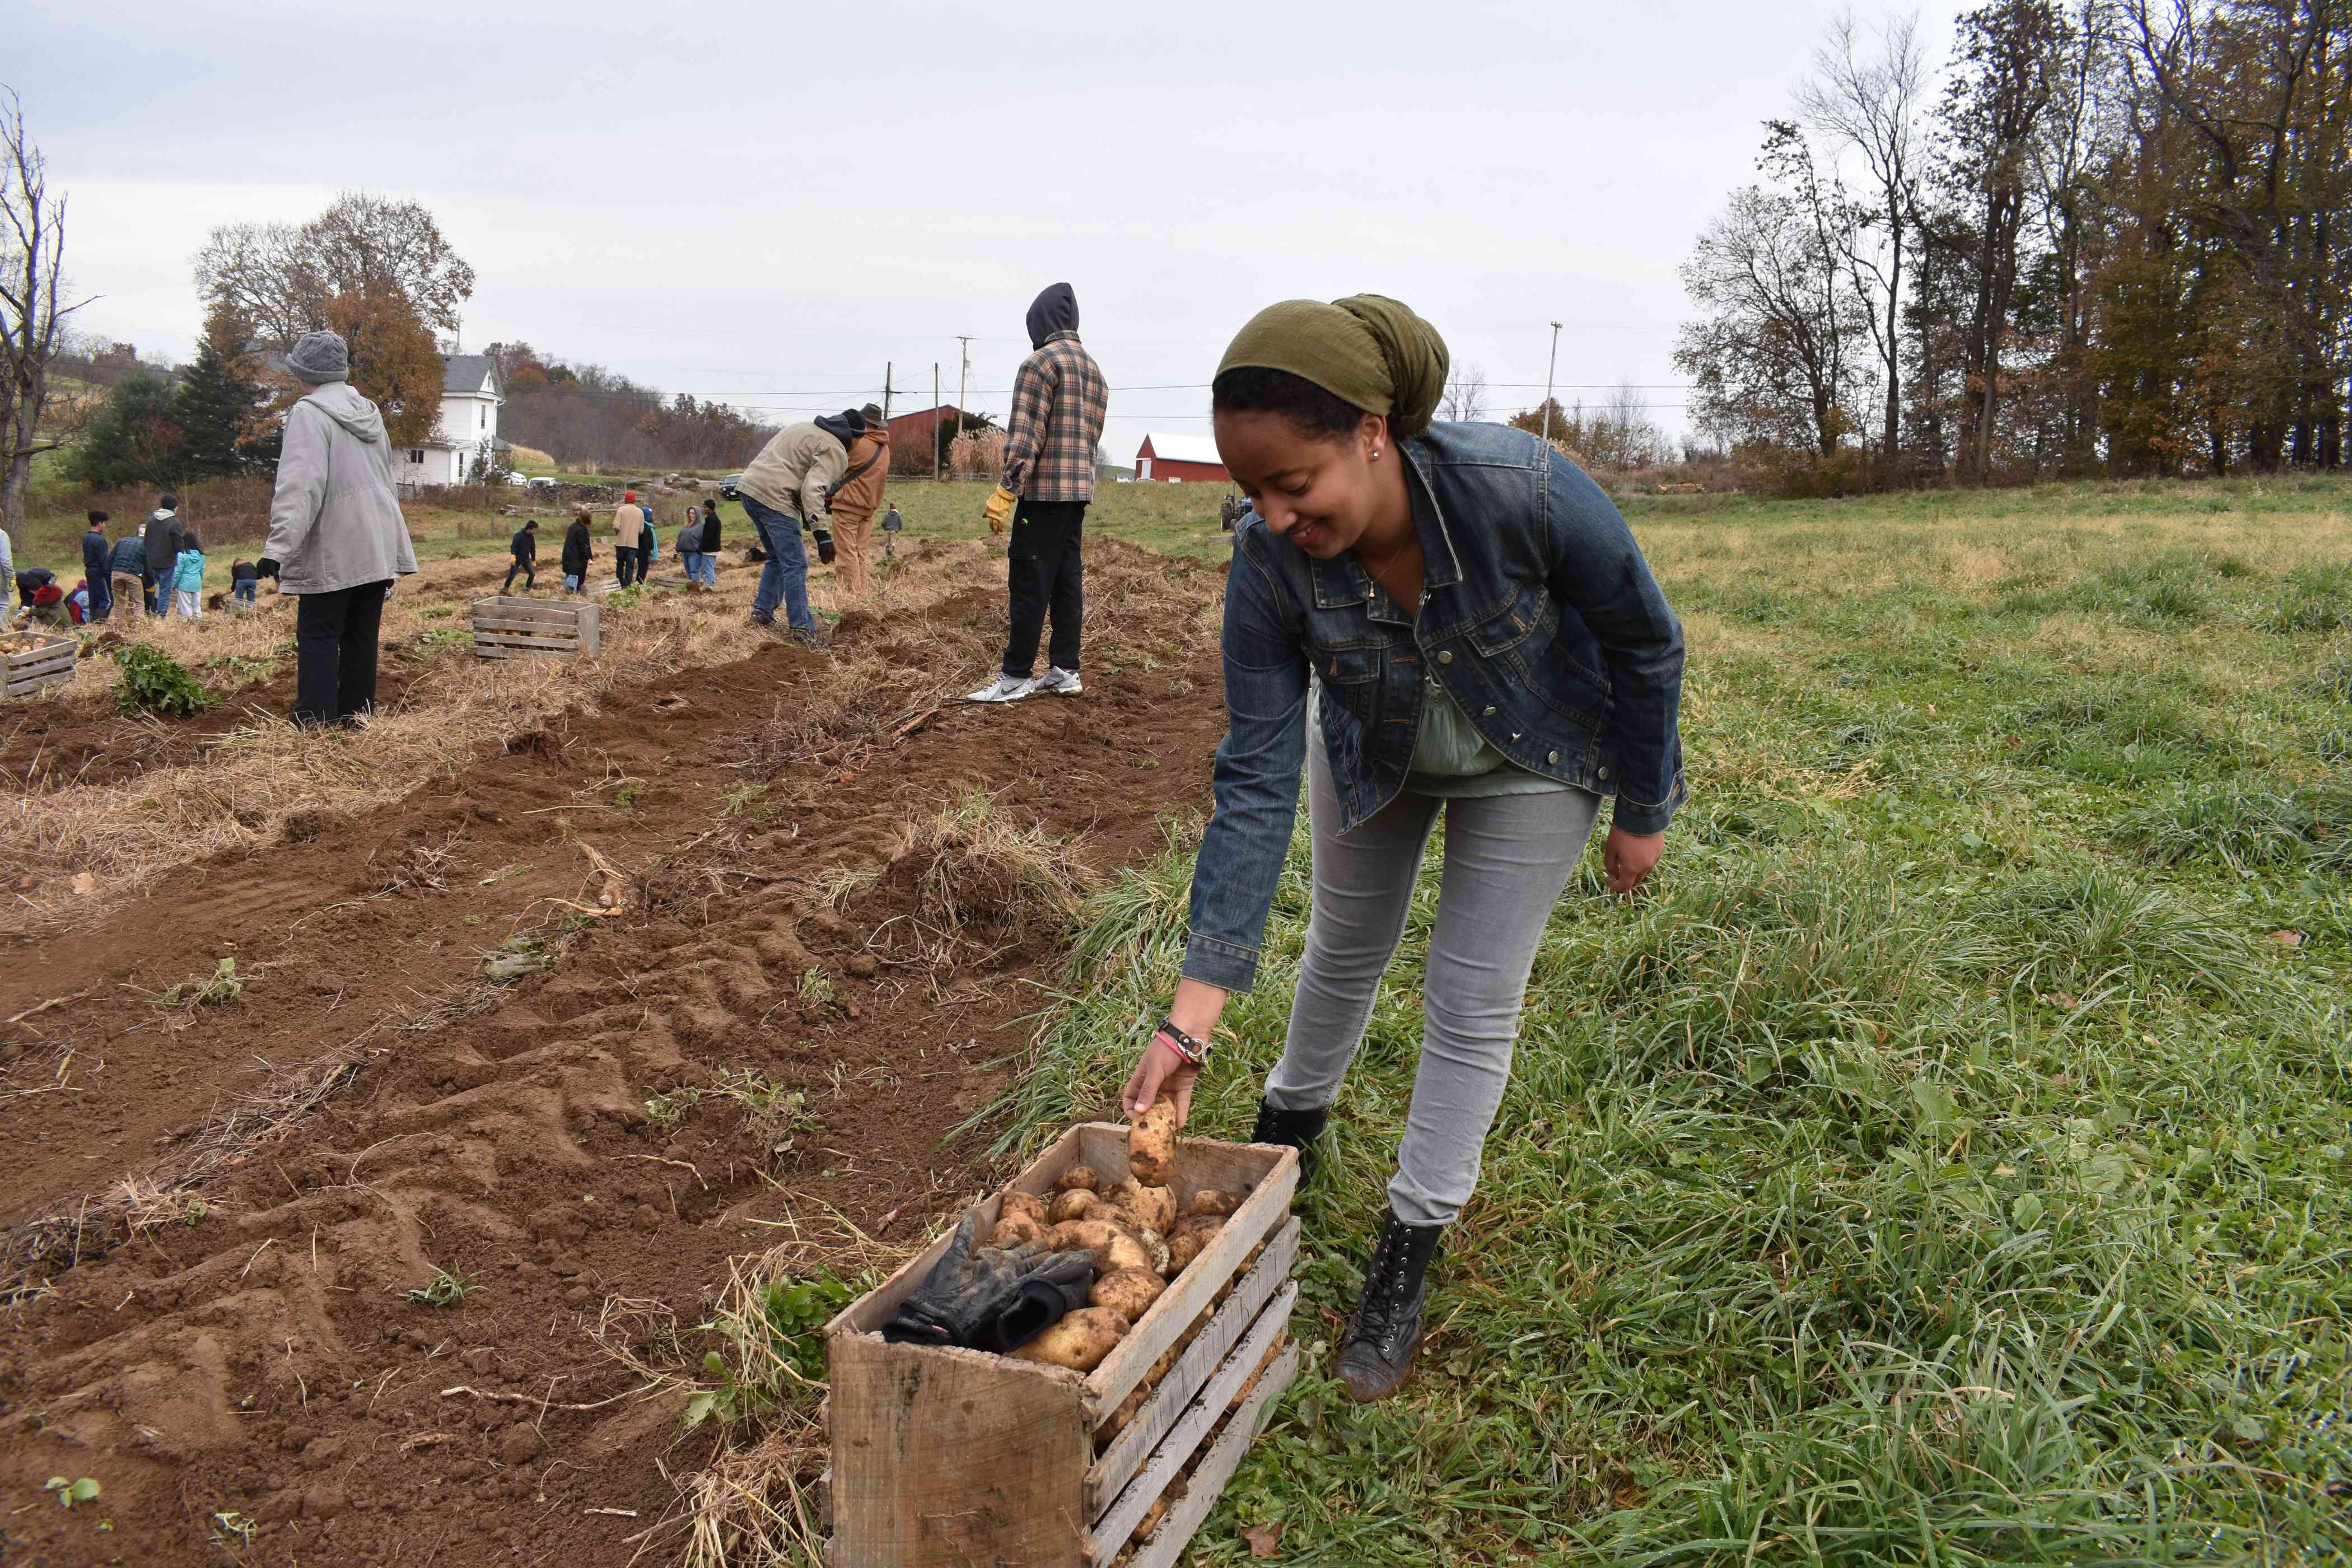 Sumeya Kasse joins students in harvesting potatoes at Olney Friends School.